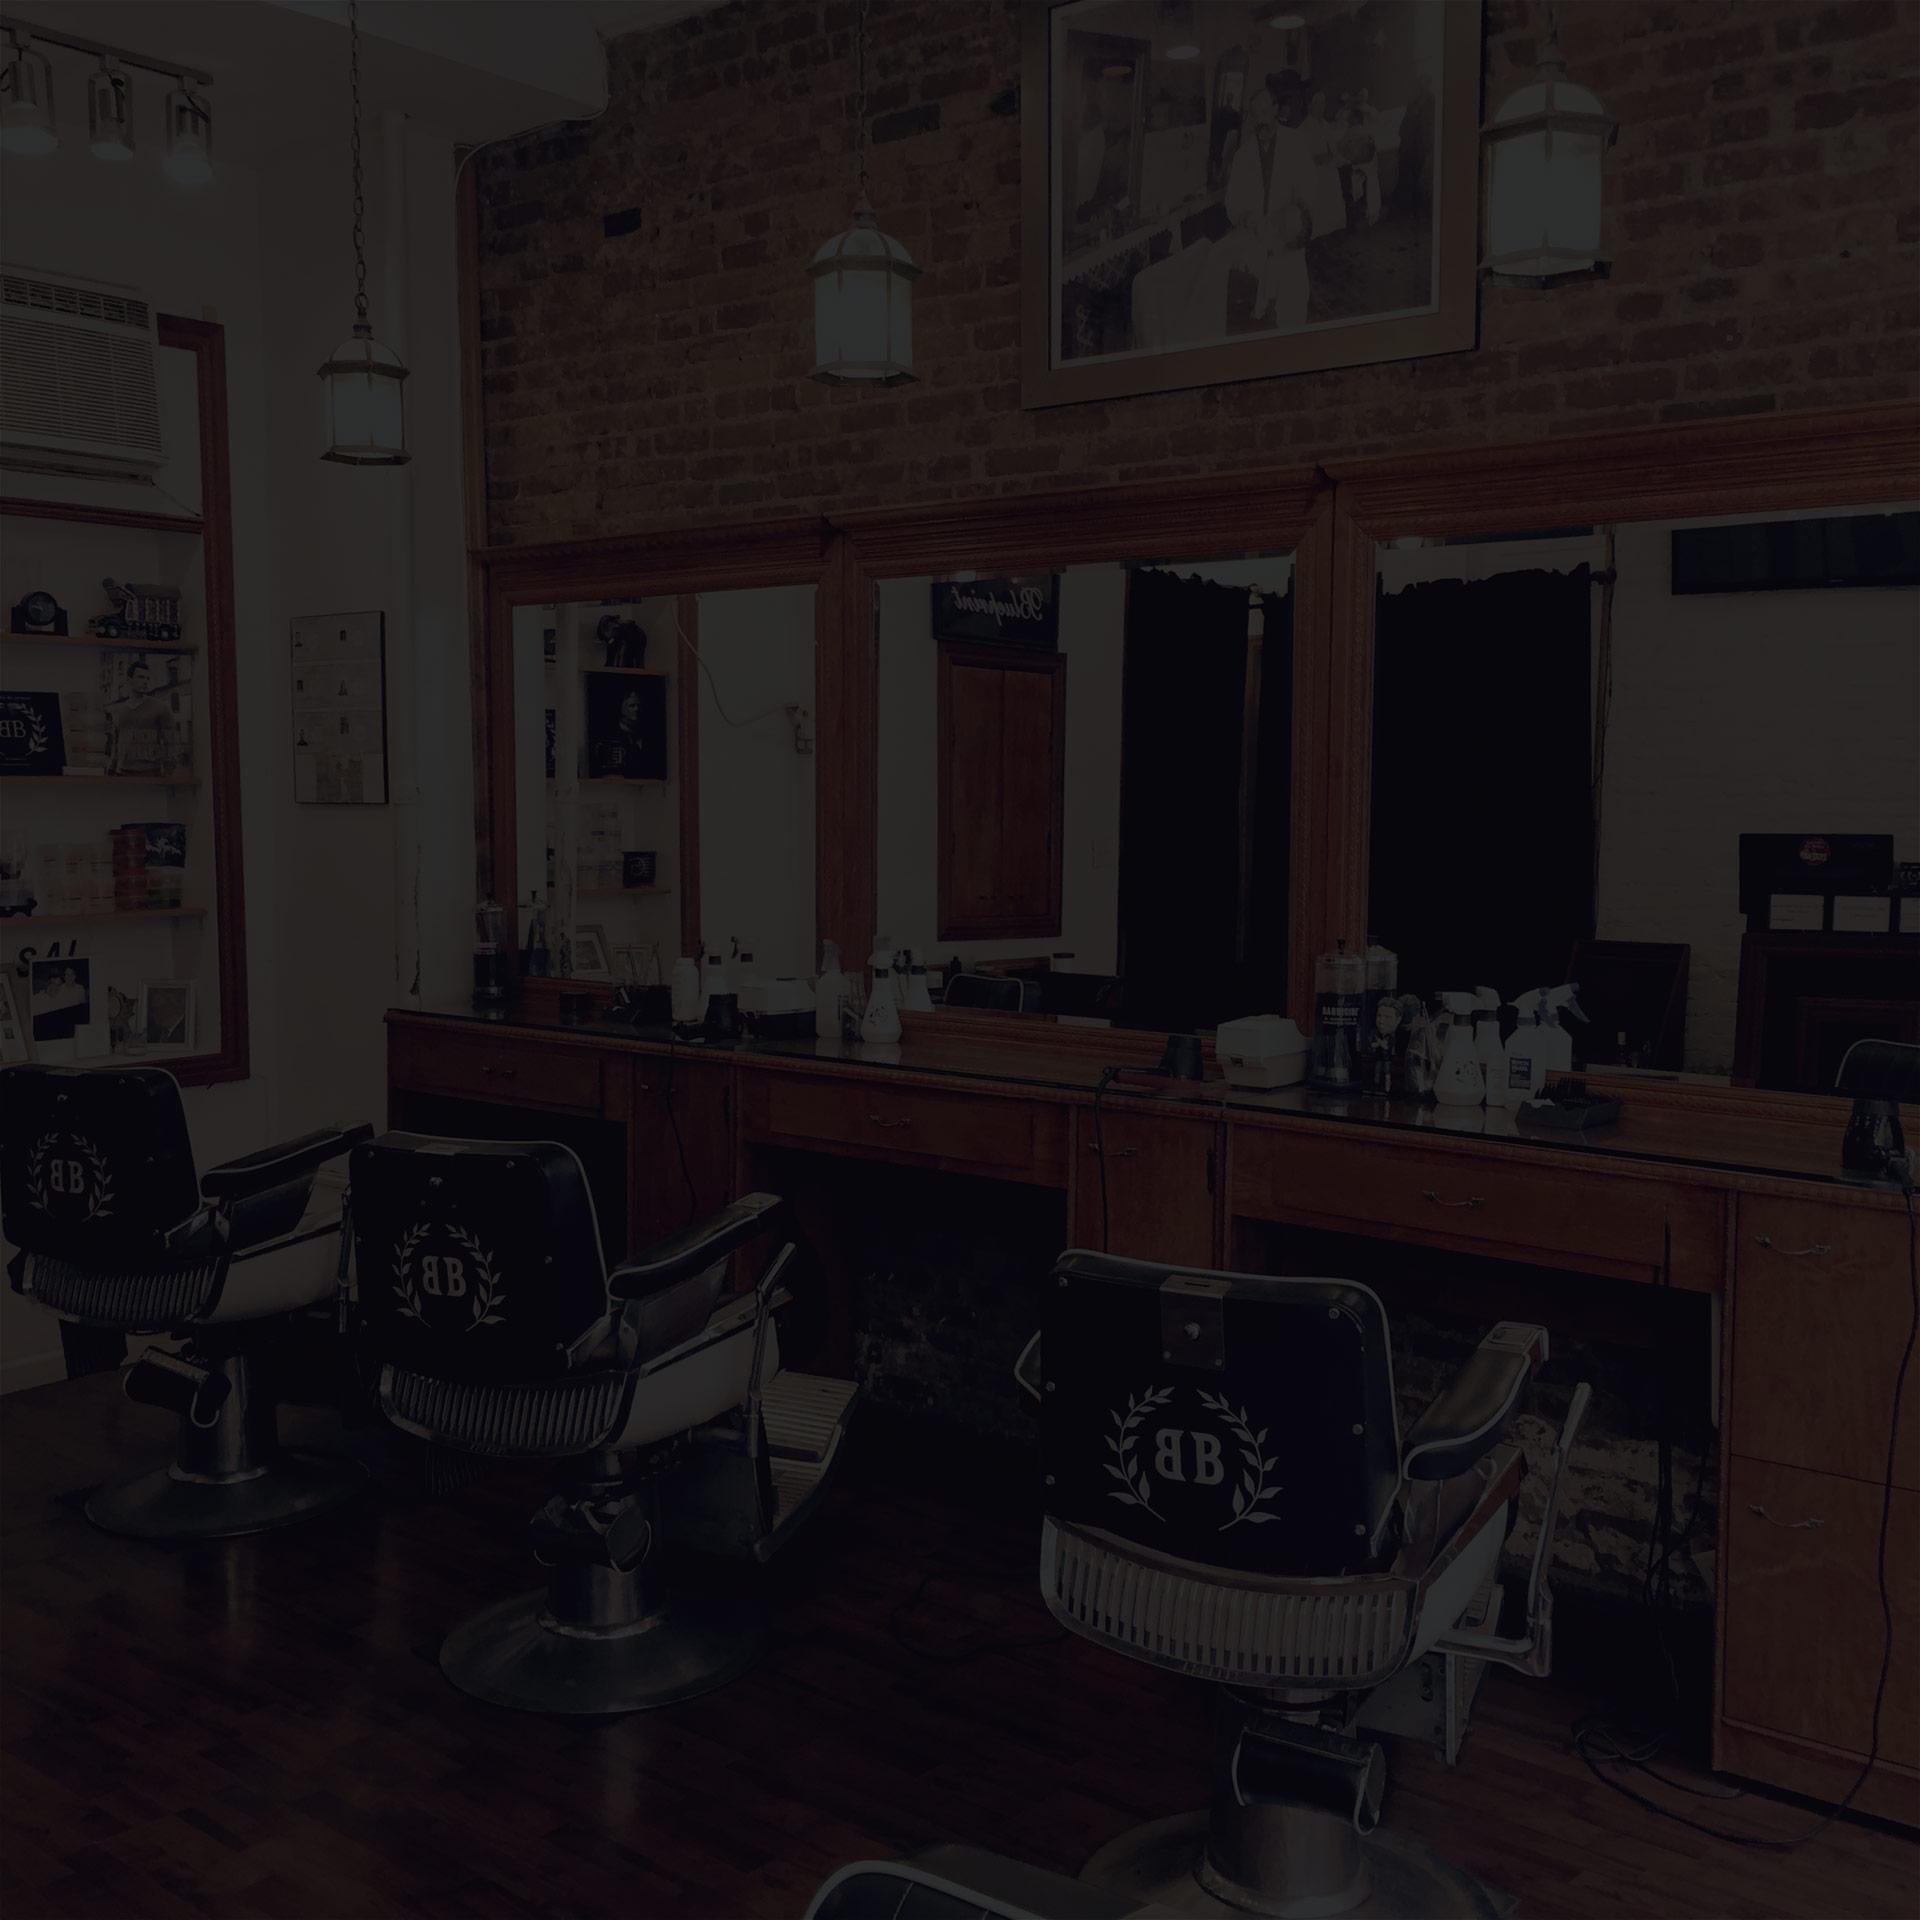 Barbers blueprint nyc brooklyn 1920 barbers blueprint nyc 181 barbers blueprint nyc malvernweather Images